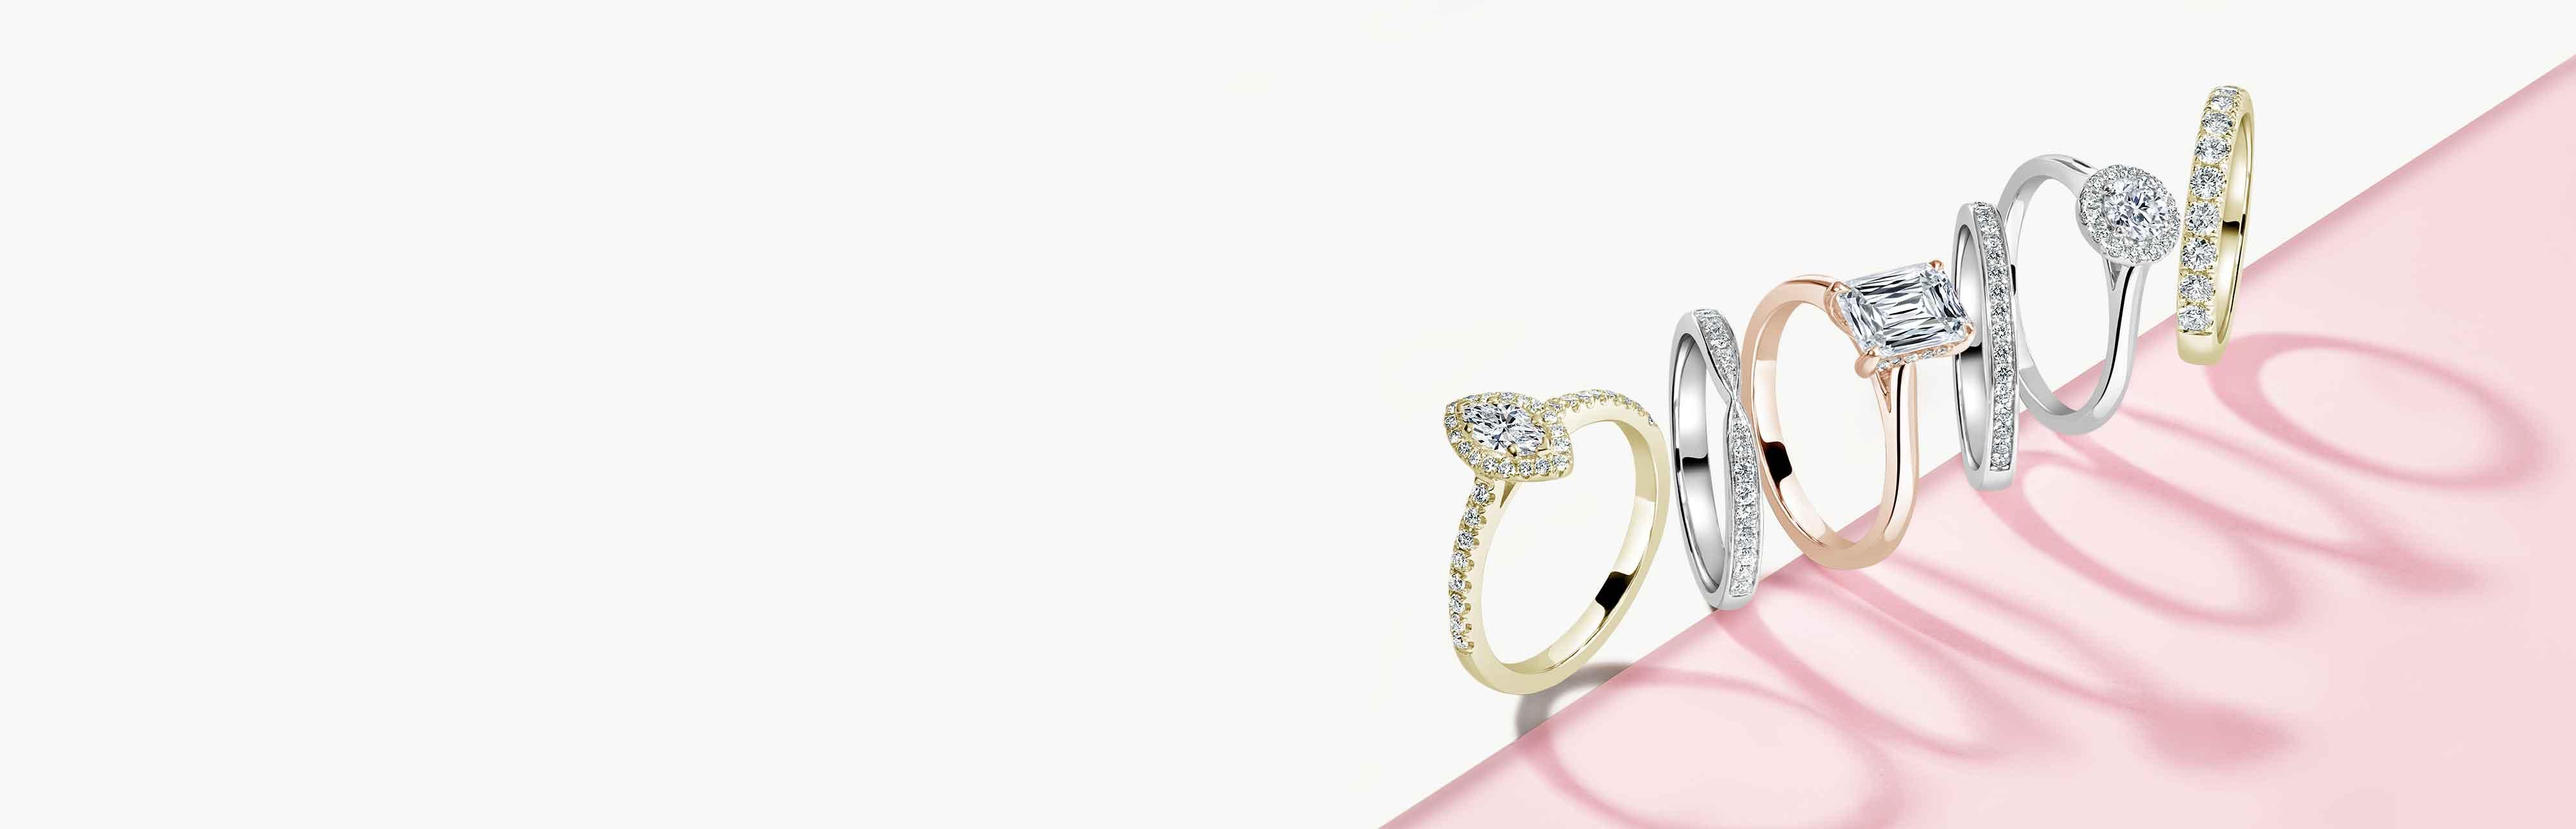 Rose Gold Shoulder Set Engagement Rings - Steven Stone